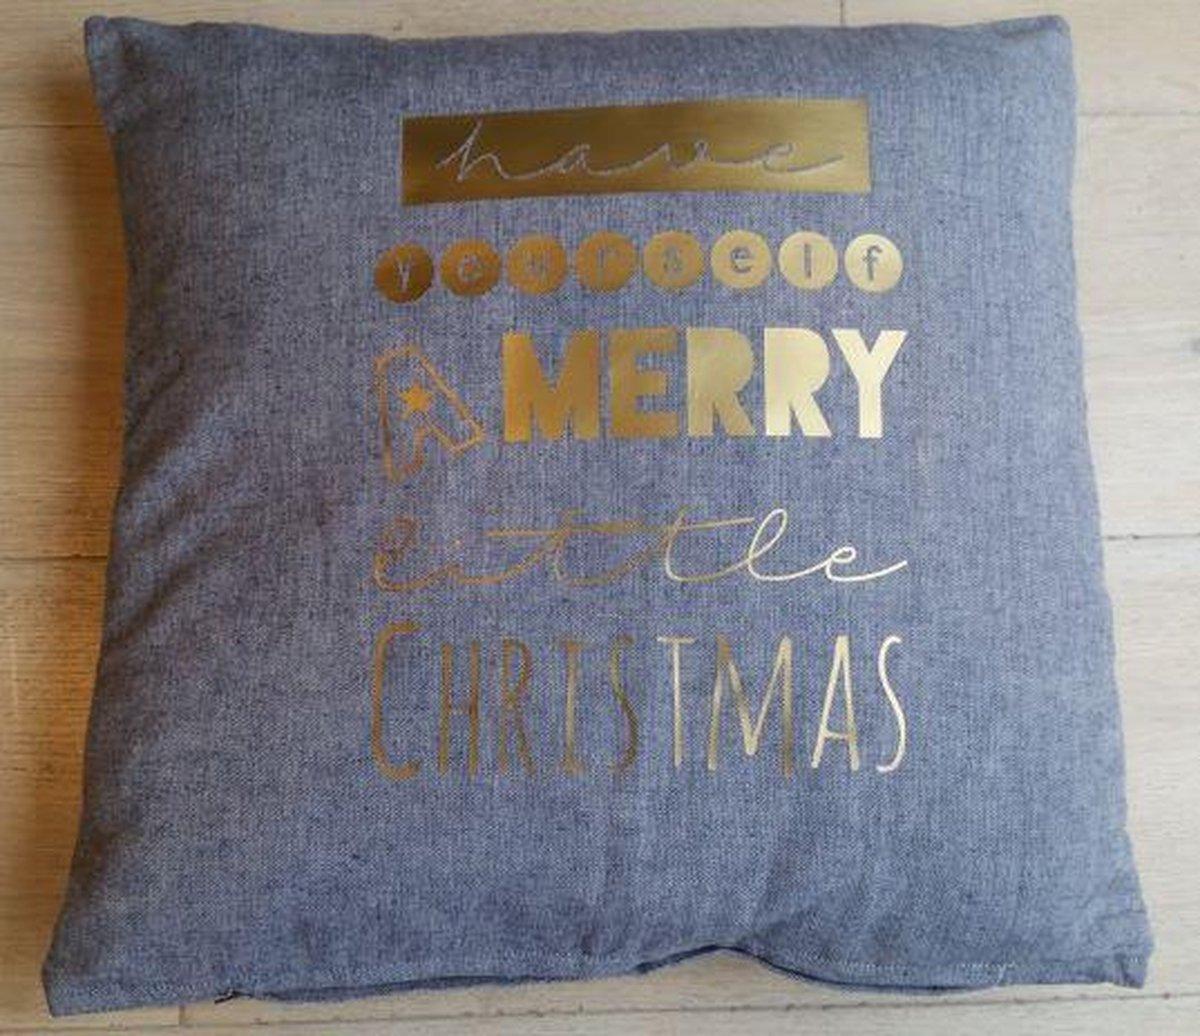 Kerstkussen sierkussen Kussenhoes tekst kussen kerst kerstversiering decoratie kussensloop kussentje hoes   grijs 40x40 met goud opdruk  glitter Have